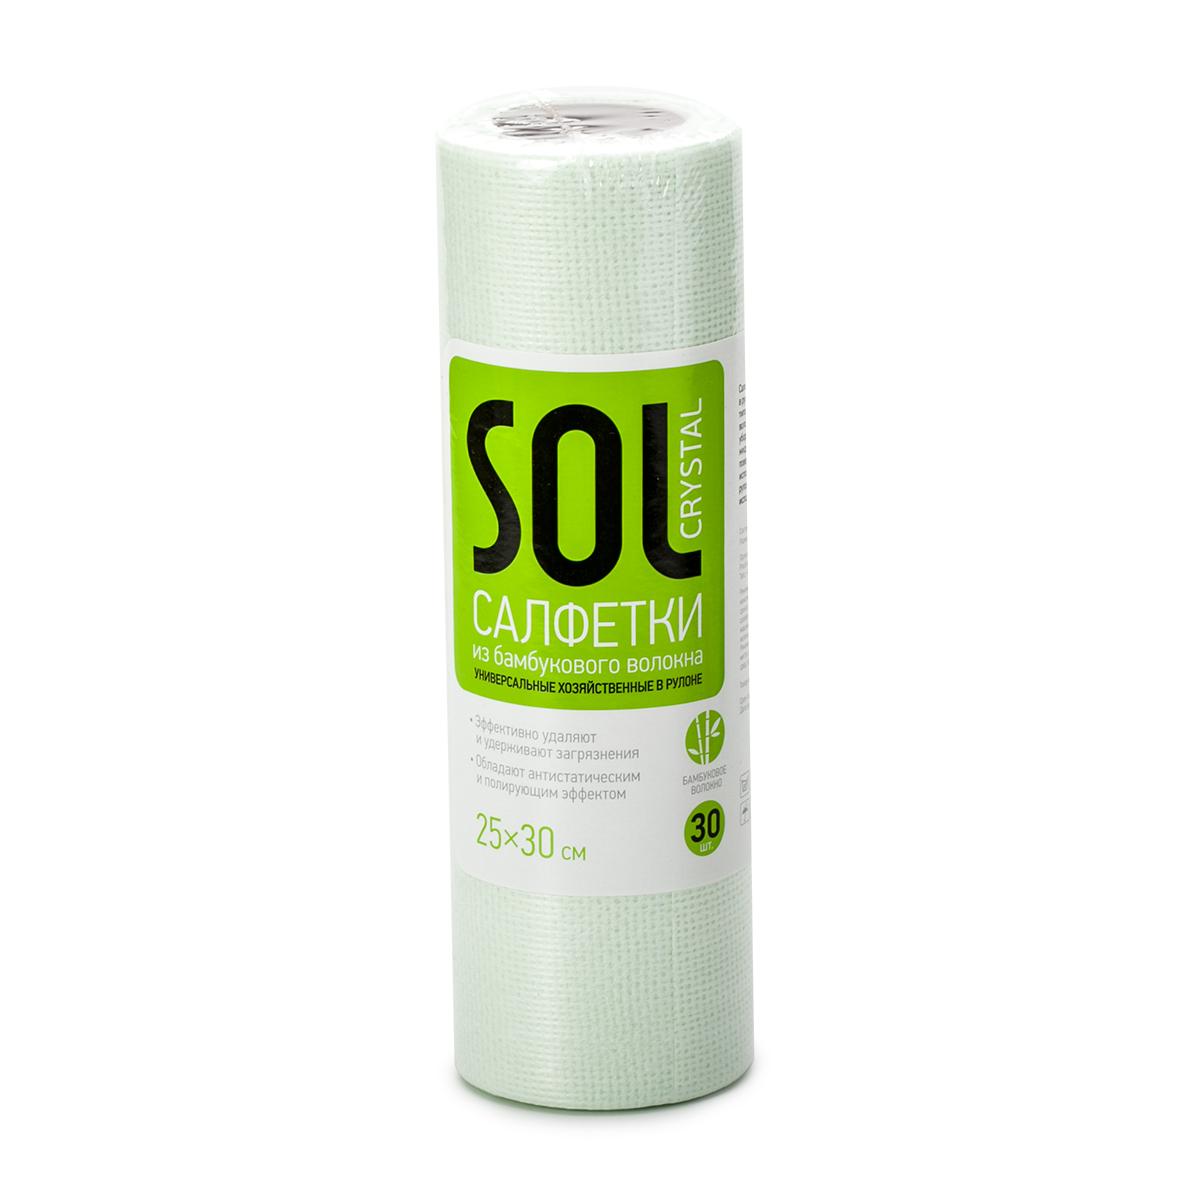 Салфетка для уборки Sol Crystal, в рулоне, 25 x 30 см, 30 шт20006Универсальные хозяйственные салфетки в рулоне Sol Crystal - это удобное решение для любых типов уборки. Изделие выполнено из бамбукового волокна, полиэстера и вискозы. Салфетки обладают полирующим и антистатическим эффектом. Подходят для сухой и влажной уборки, быстро и эффективно впитывают жидкость, не оставляя ворса и разводов на поверхности. Они очень удобны в использовании - легко отрываются от рулона по линии перфорации и могут быть использованы многократно.